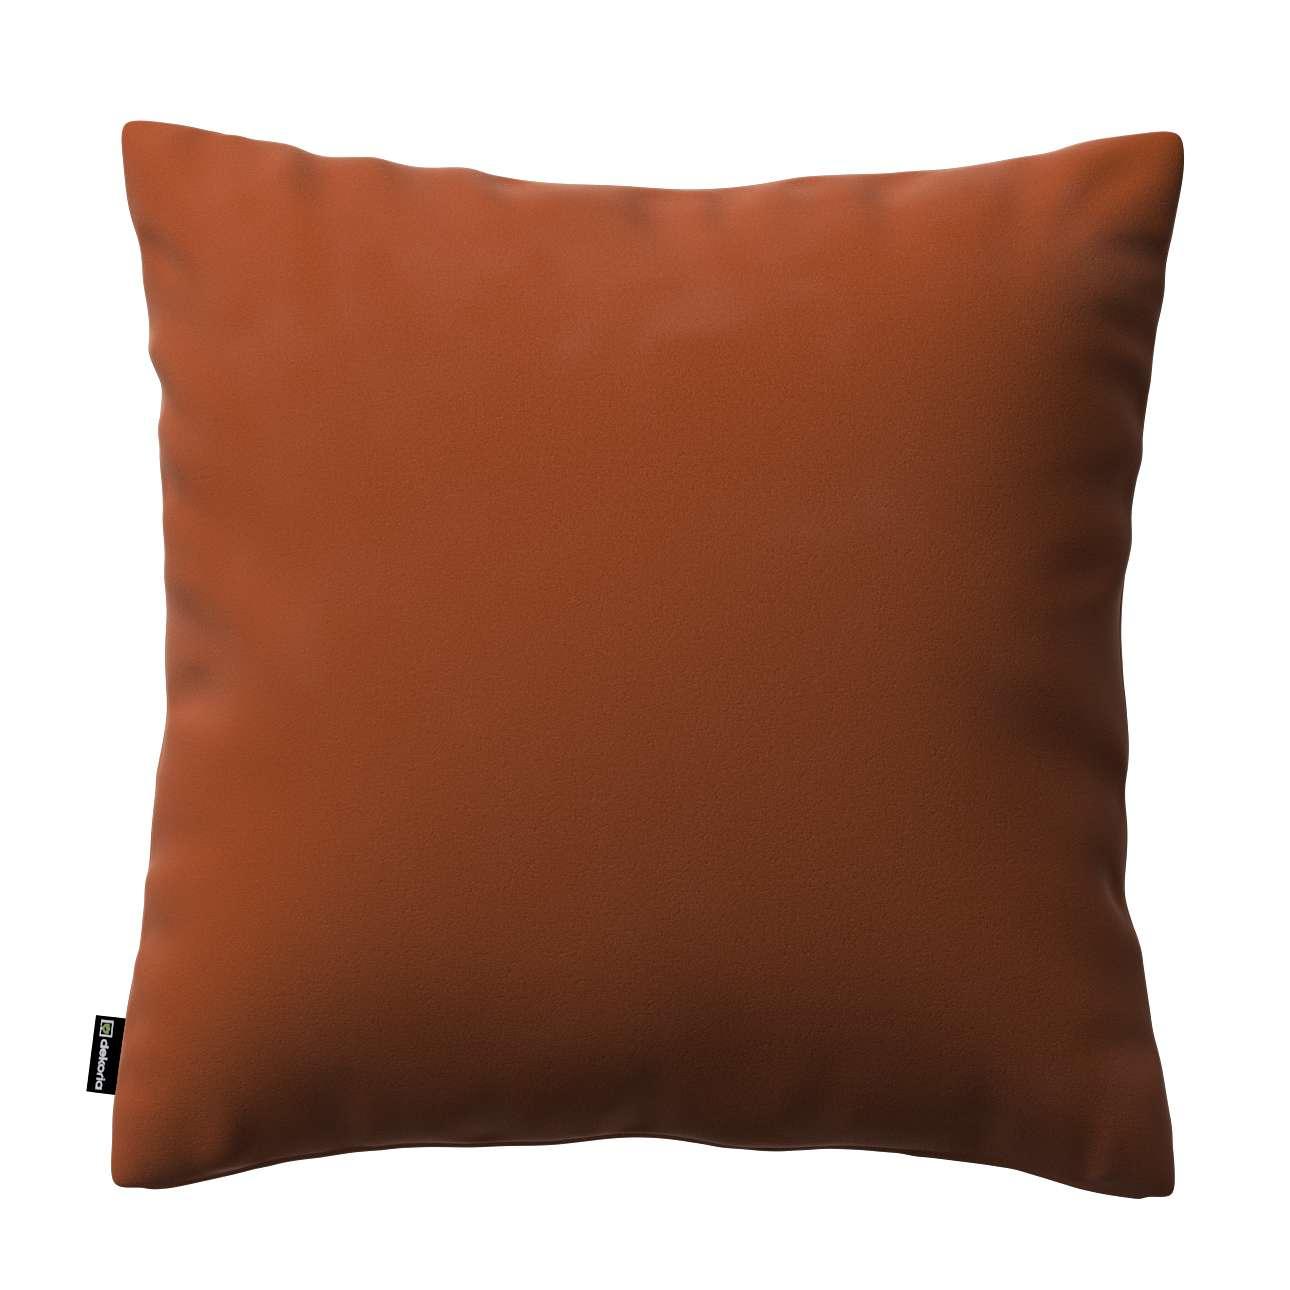 Poszewka Kinga na poduszkę w kolekcji Velvet, tkanina: 704-33